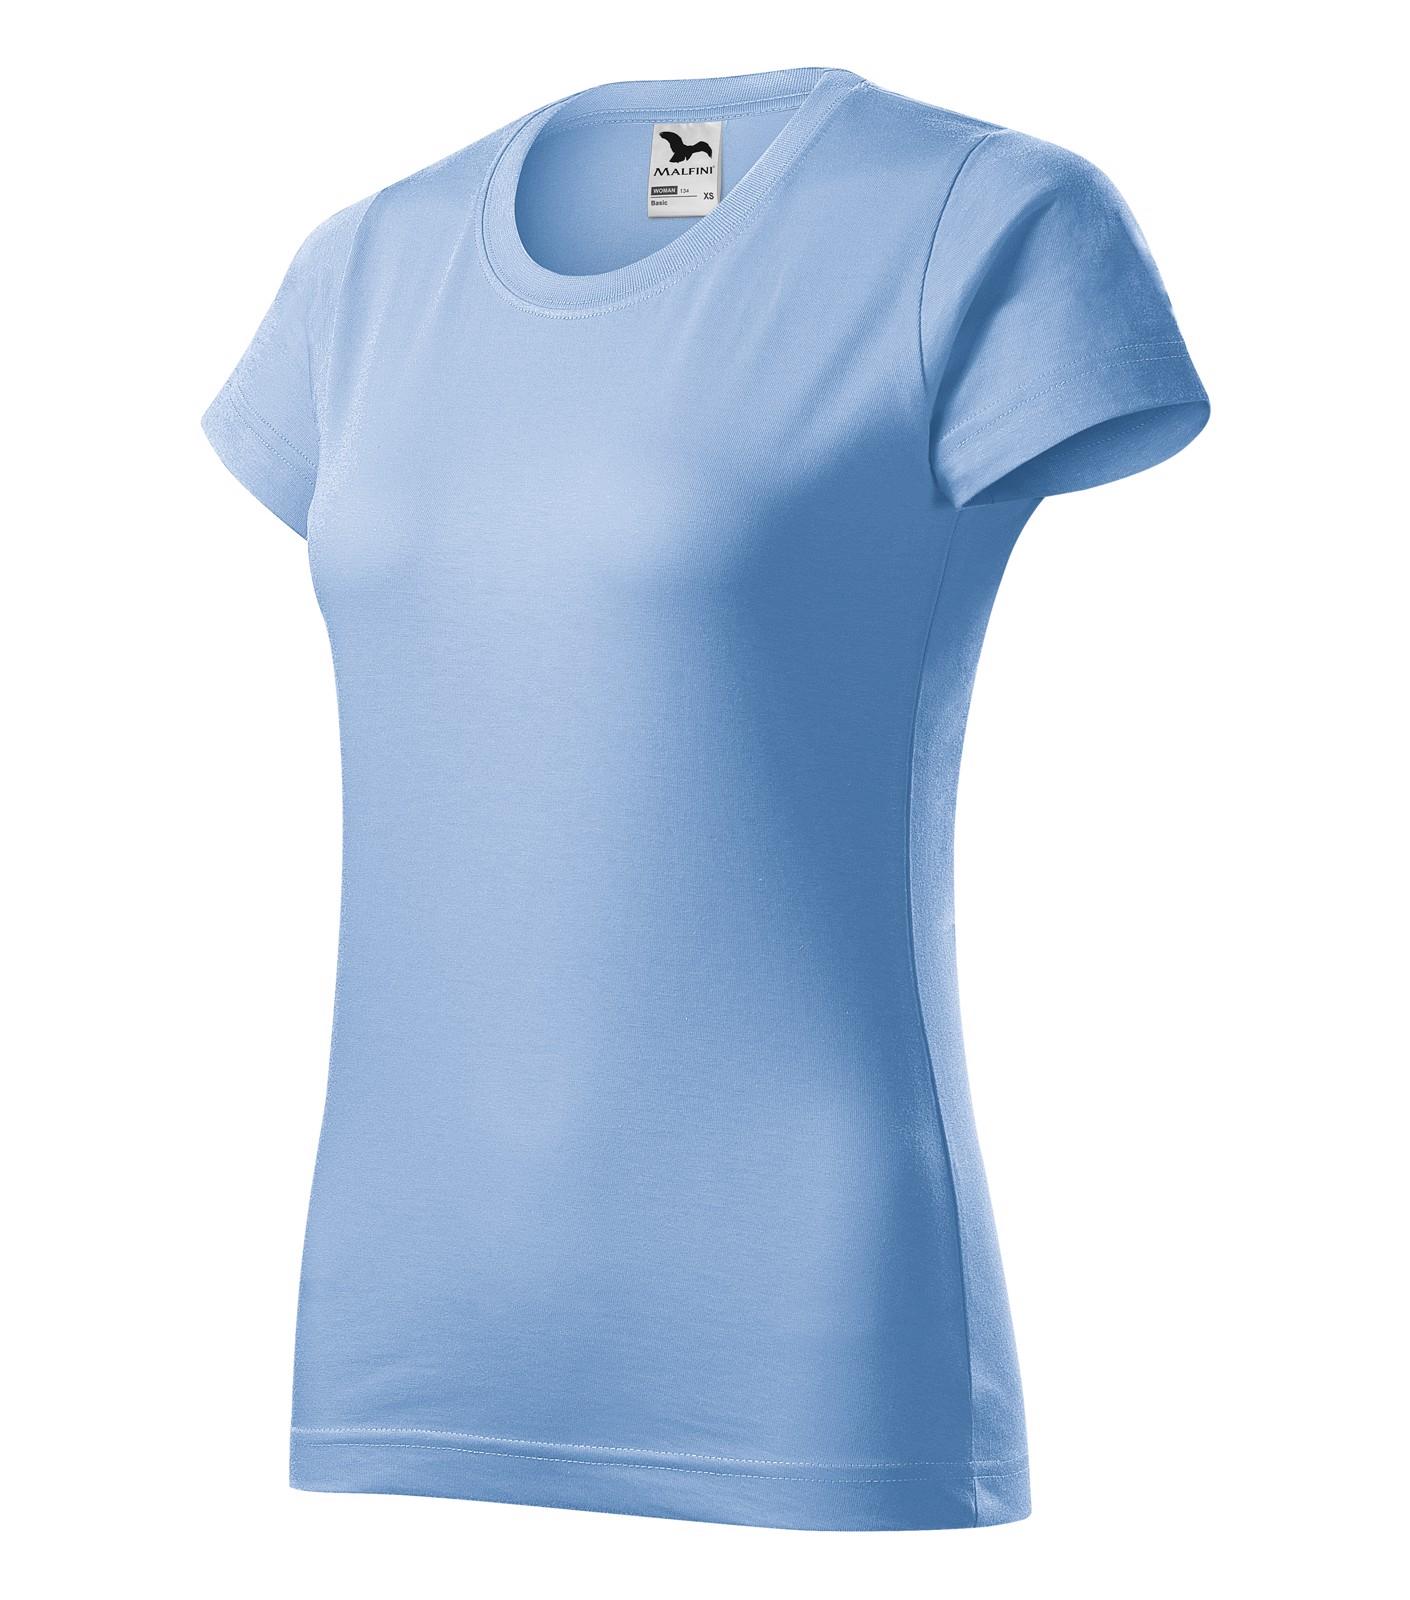 T-shirt women's Malfini Basic - Sky Blue / L